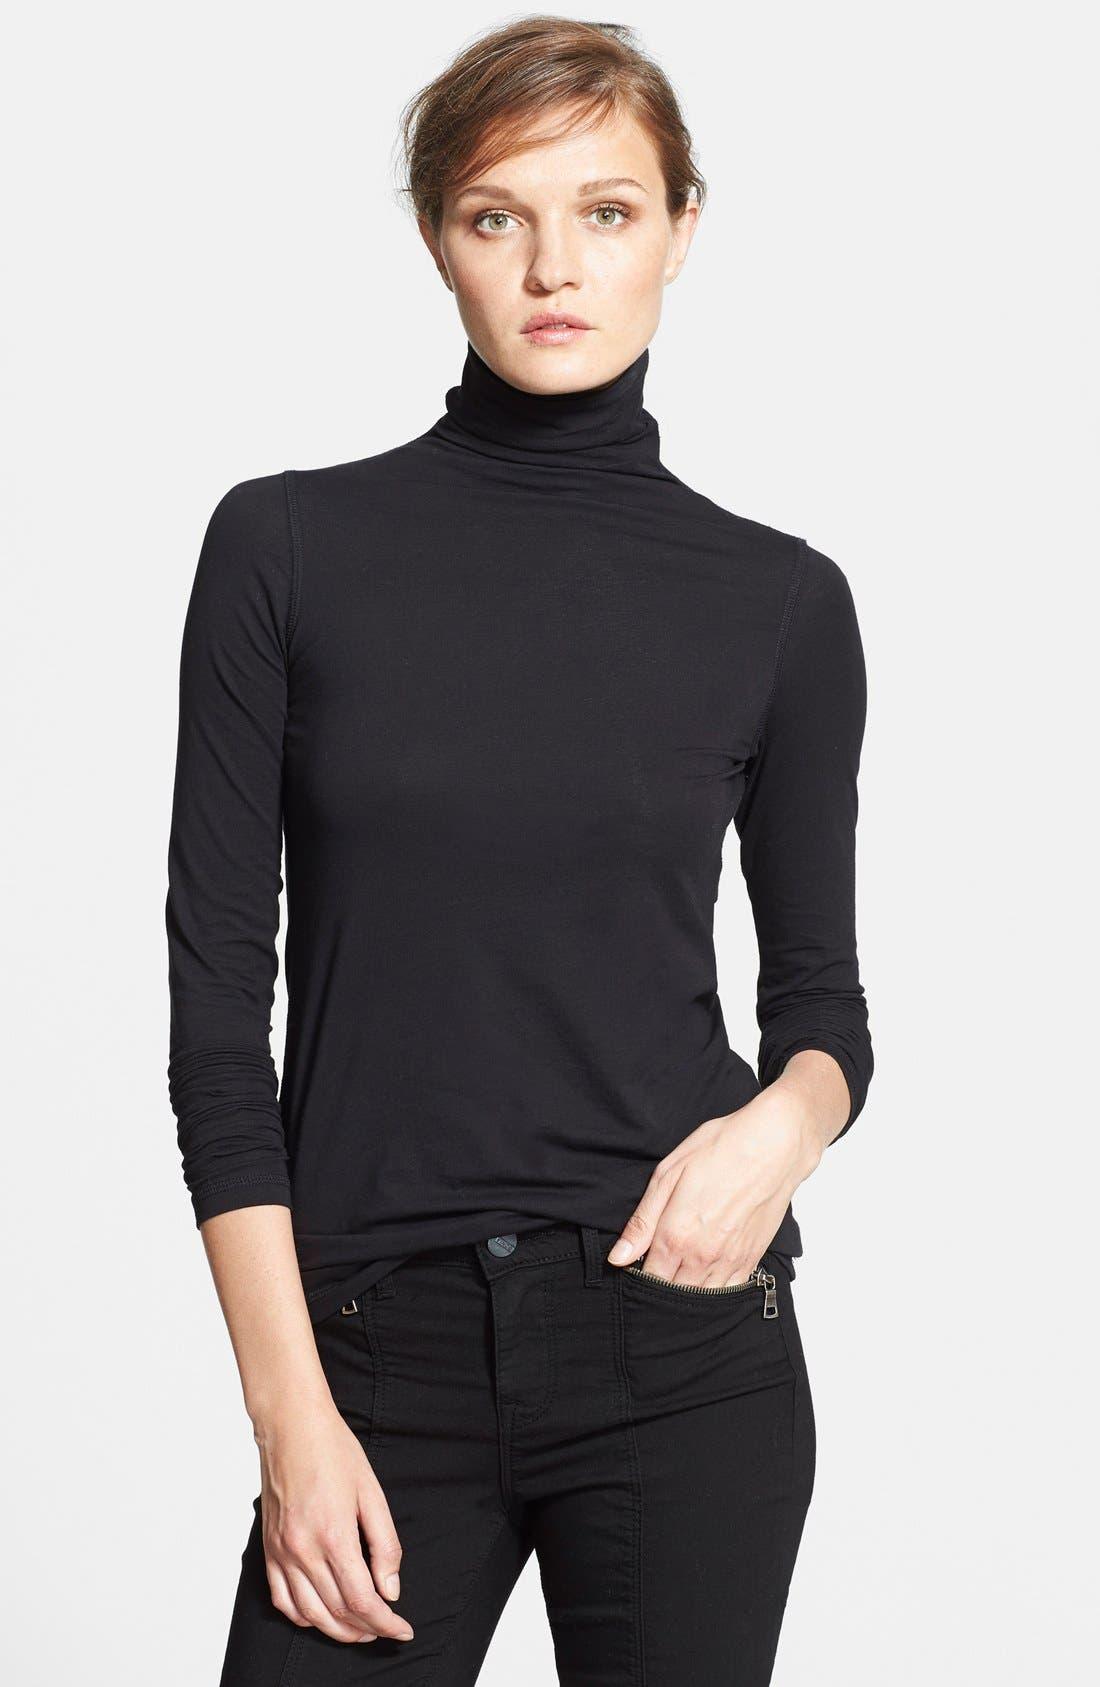 VINCE 'Favorite' Soft Cotton Turtleneck, Main, color, 001